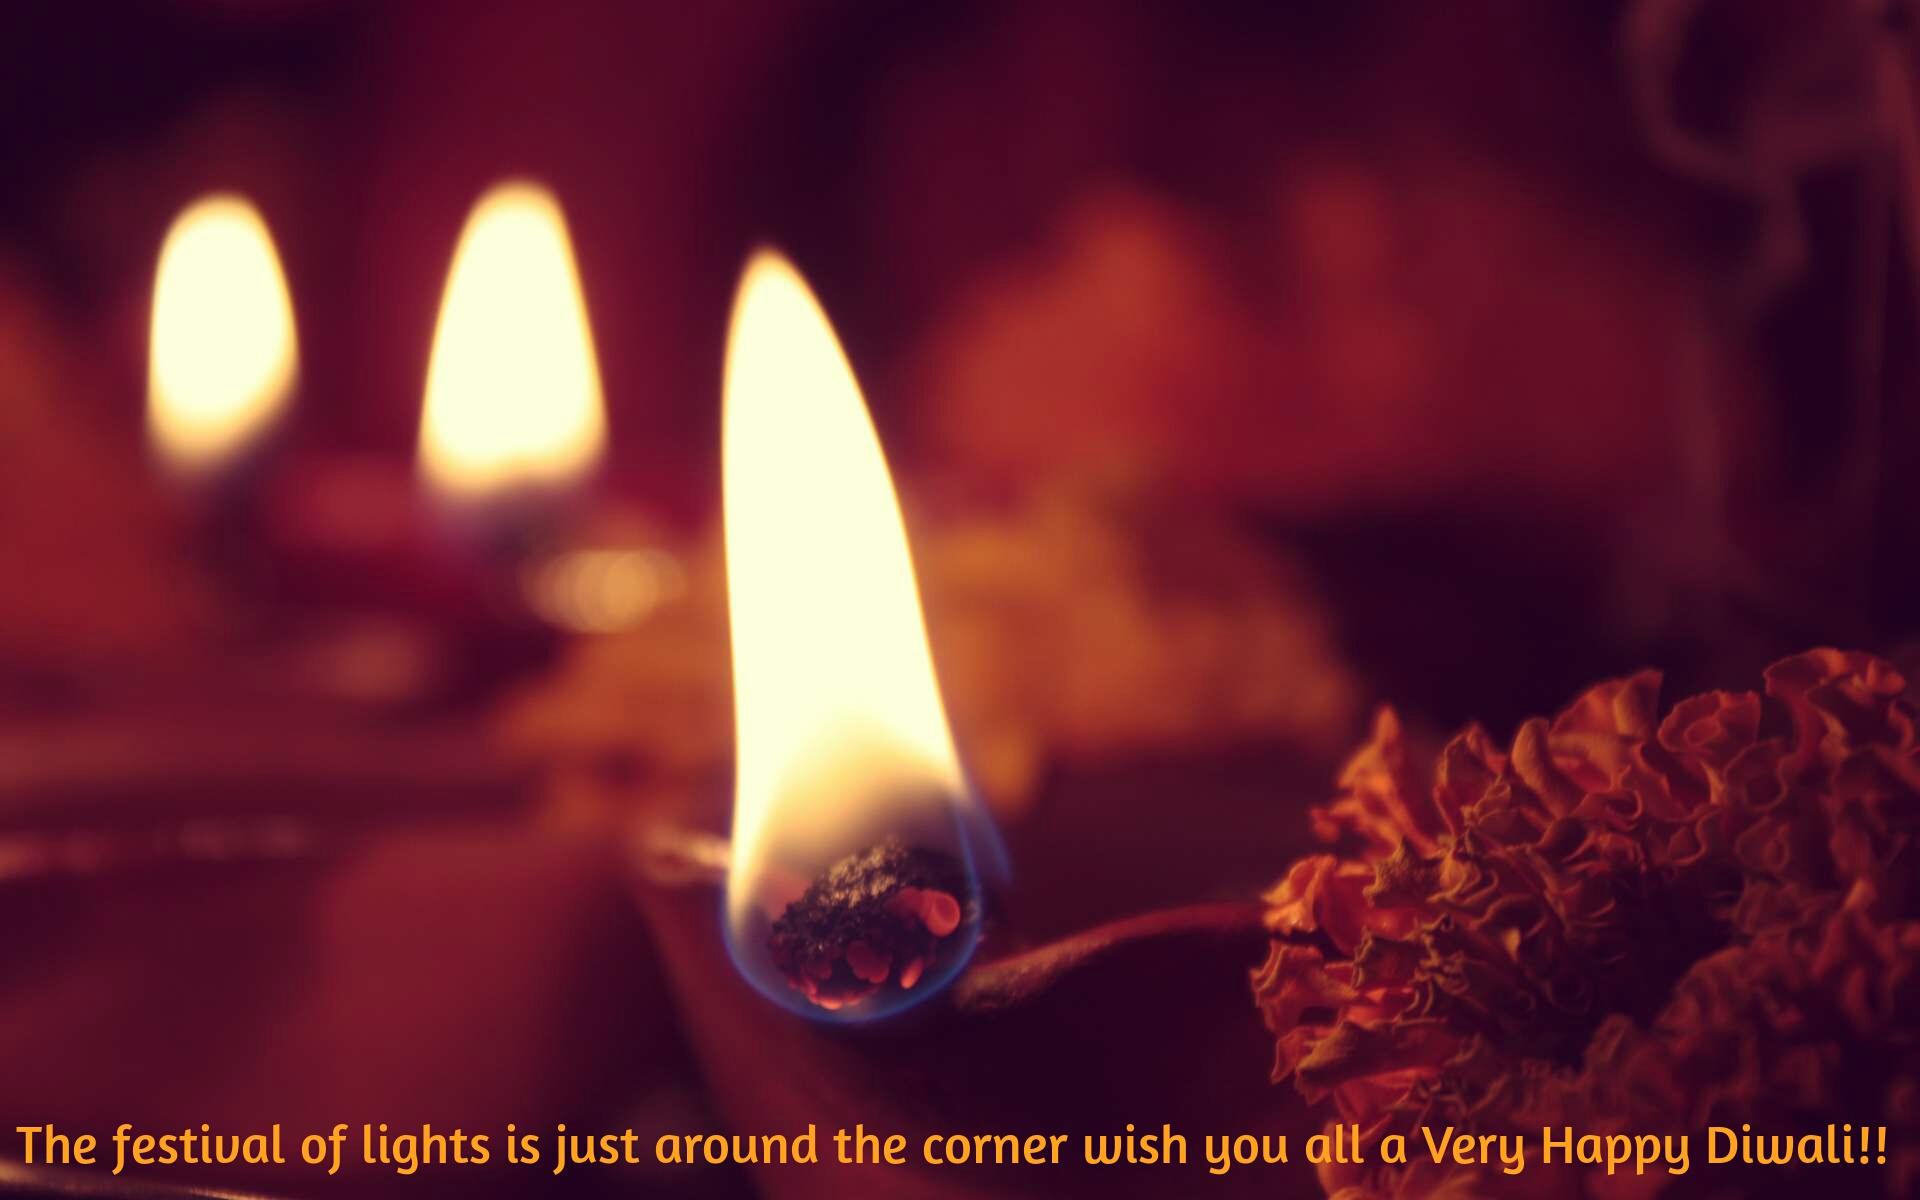 HD Diwali Wallpaper quotes - Light Diyas on Festival of Lights